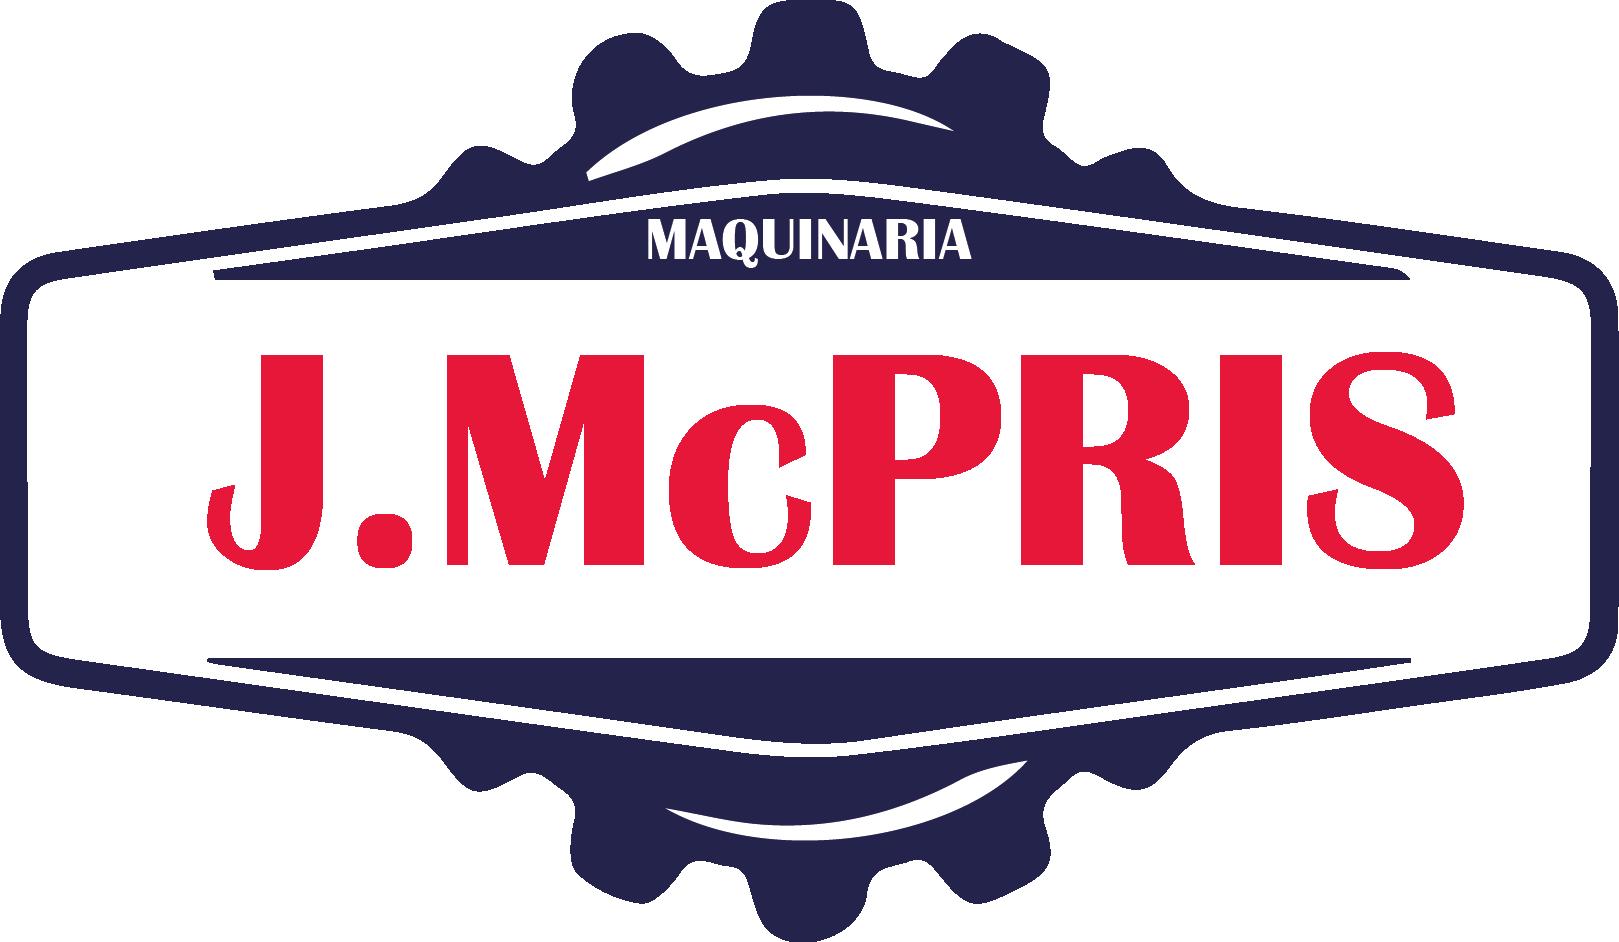 Ver más vehículos de Maquinaria Jmcpris